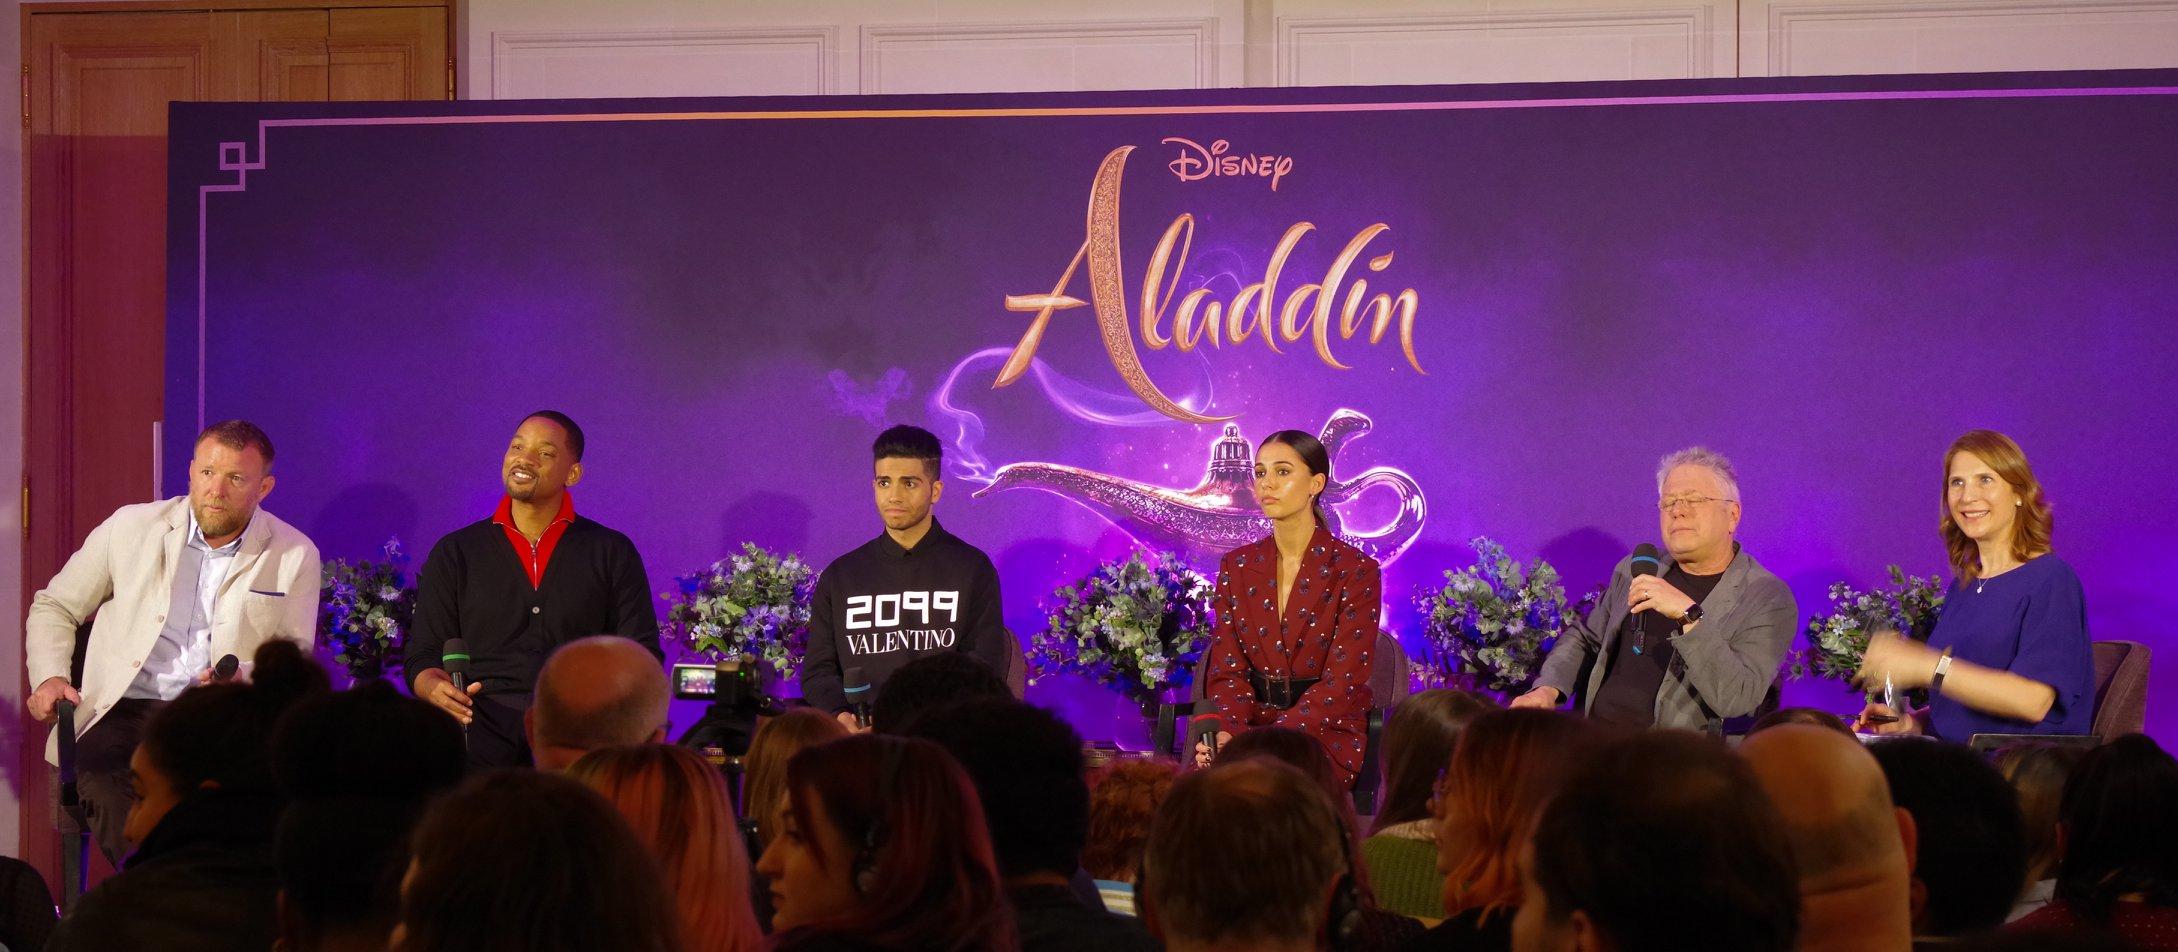 [Vie de Ciné] Aladdin, le génie de Will et la féminisme de Jasmine.